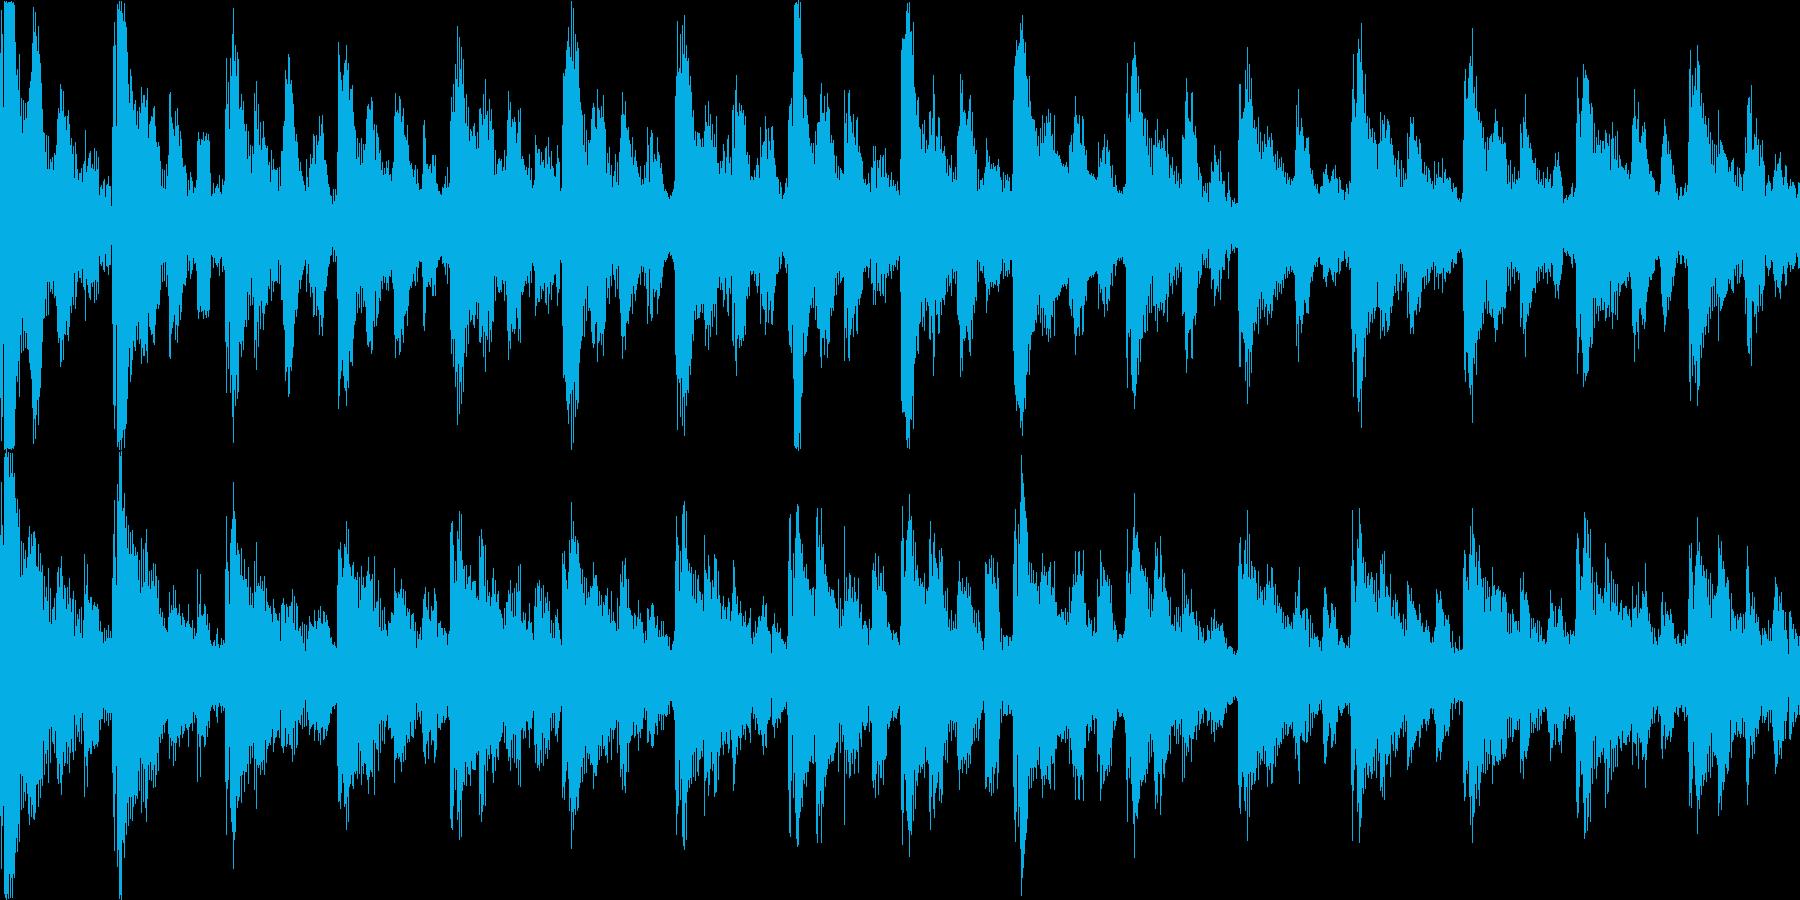 【ループB】かわいい感じのゆるやかテクノの再生済みの波形